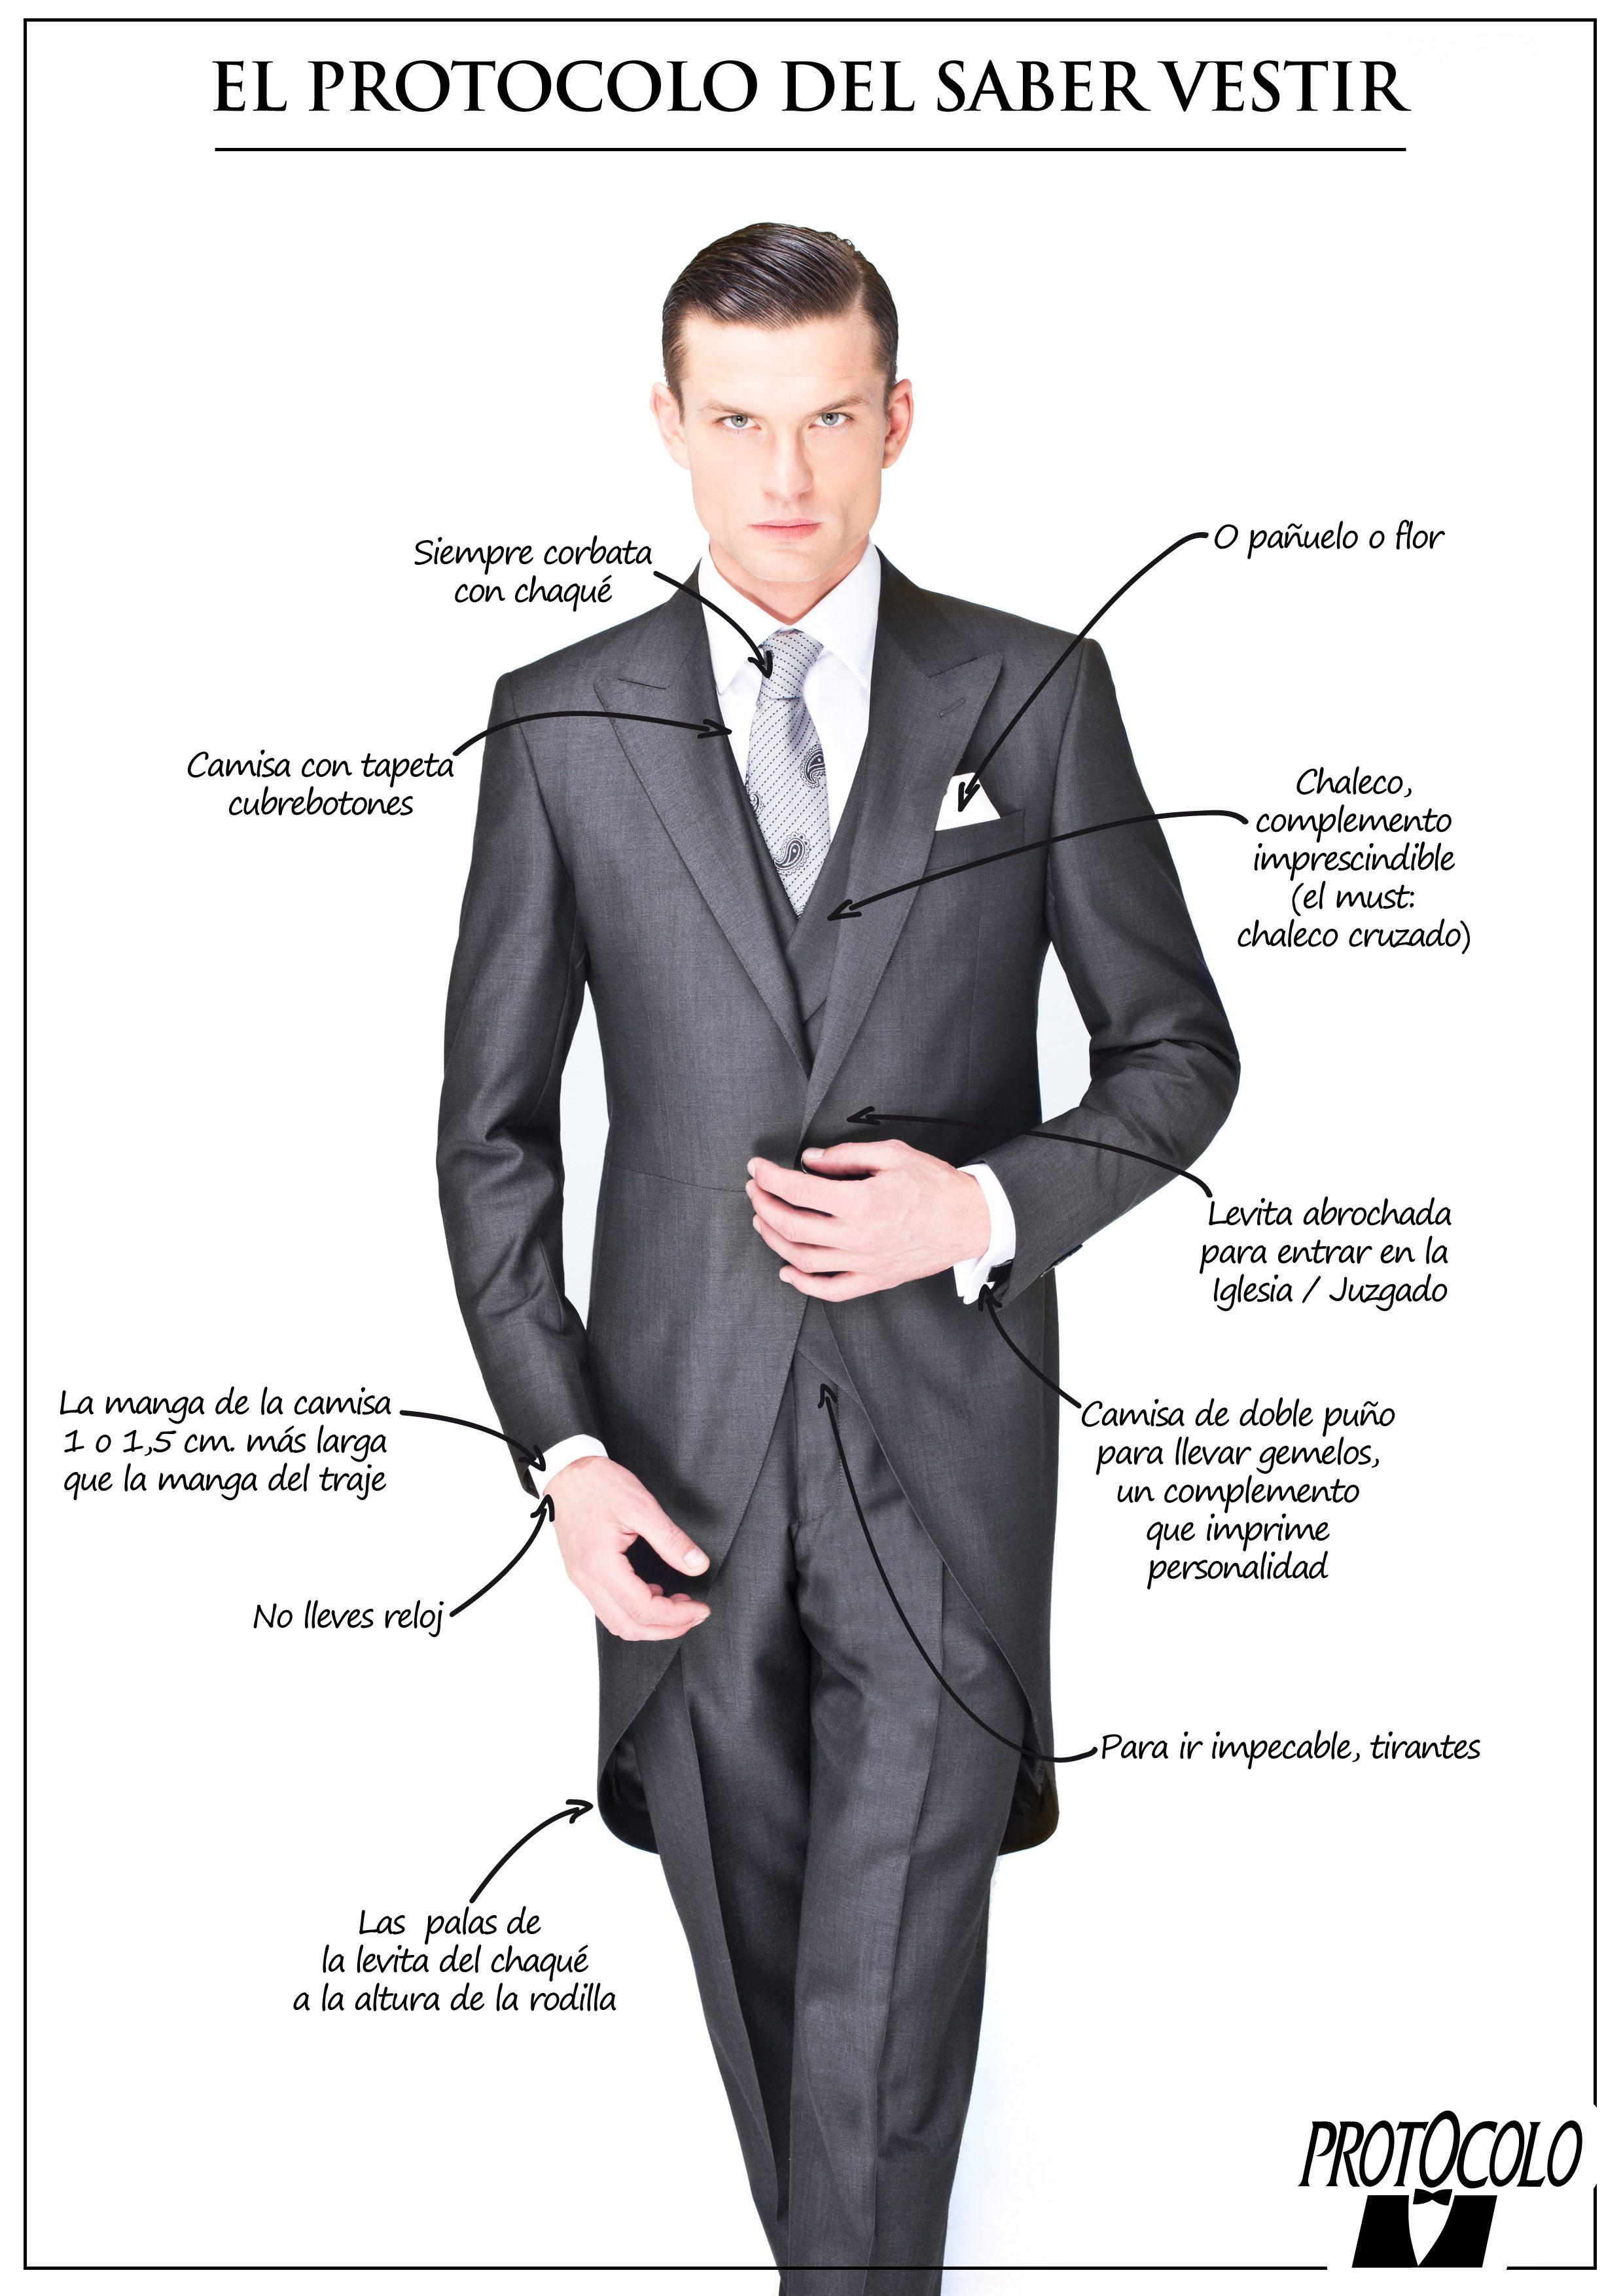 0afb2783a2d En Protocolo, somos especialistas en el asesoramiento del saber vestir en  ceremonia y fiestas de etiqueta. #boda #novio #chaqué